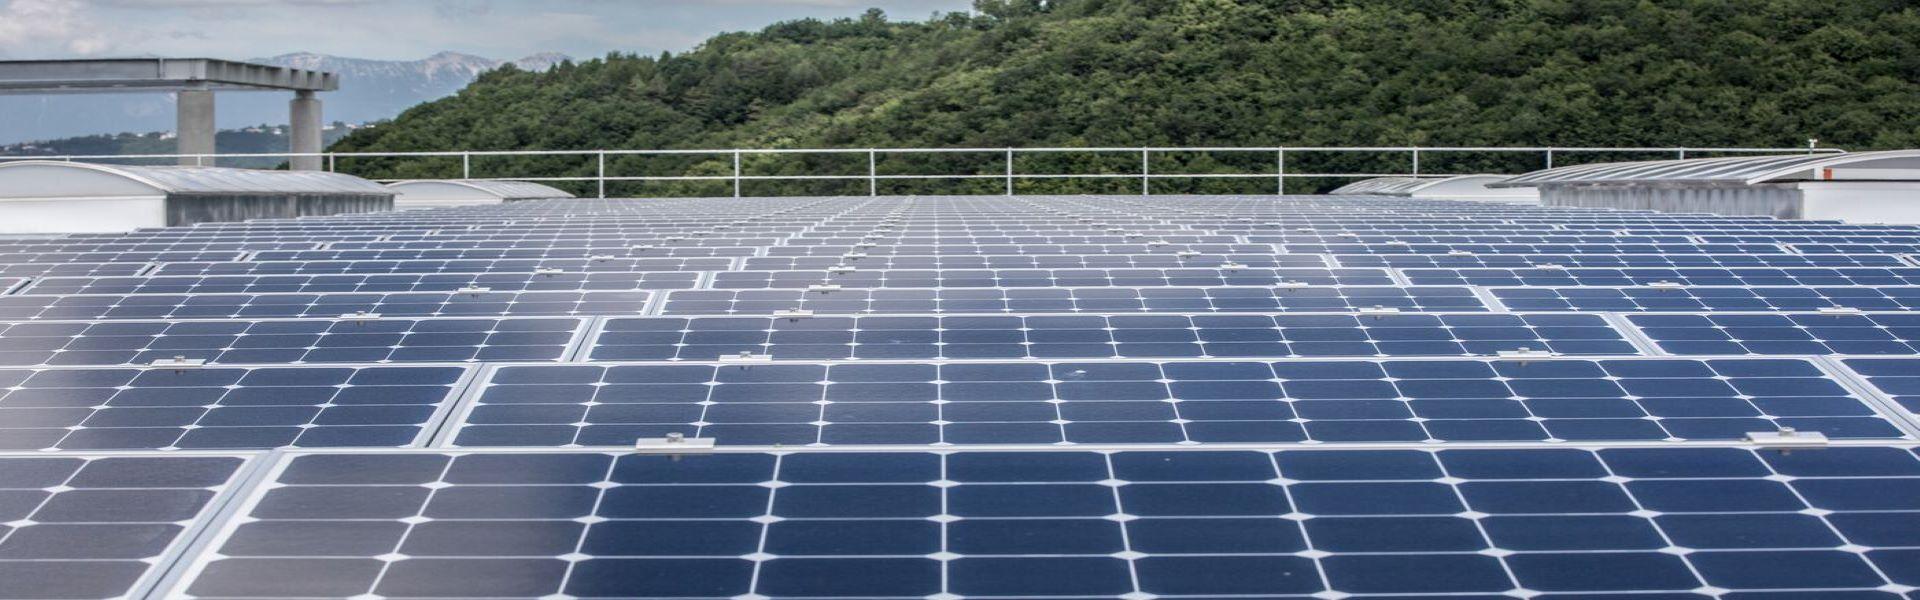 Impianti Fotovoltaici In Vendita Puglia fotovoltaico per aziende: quali incentivi puoi sfruttare nel